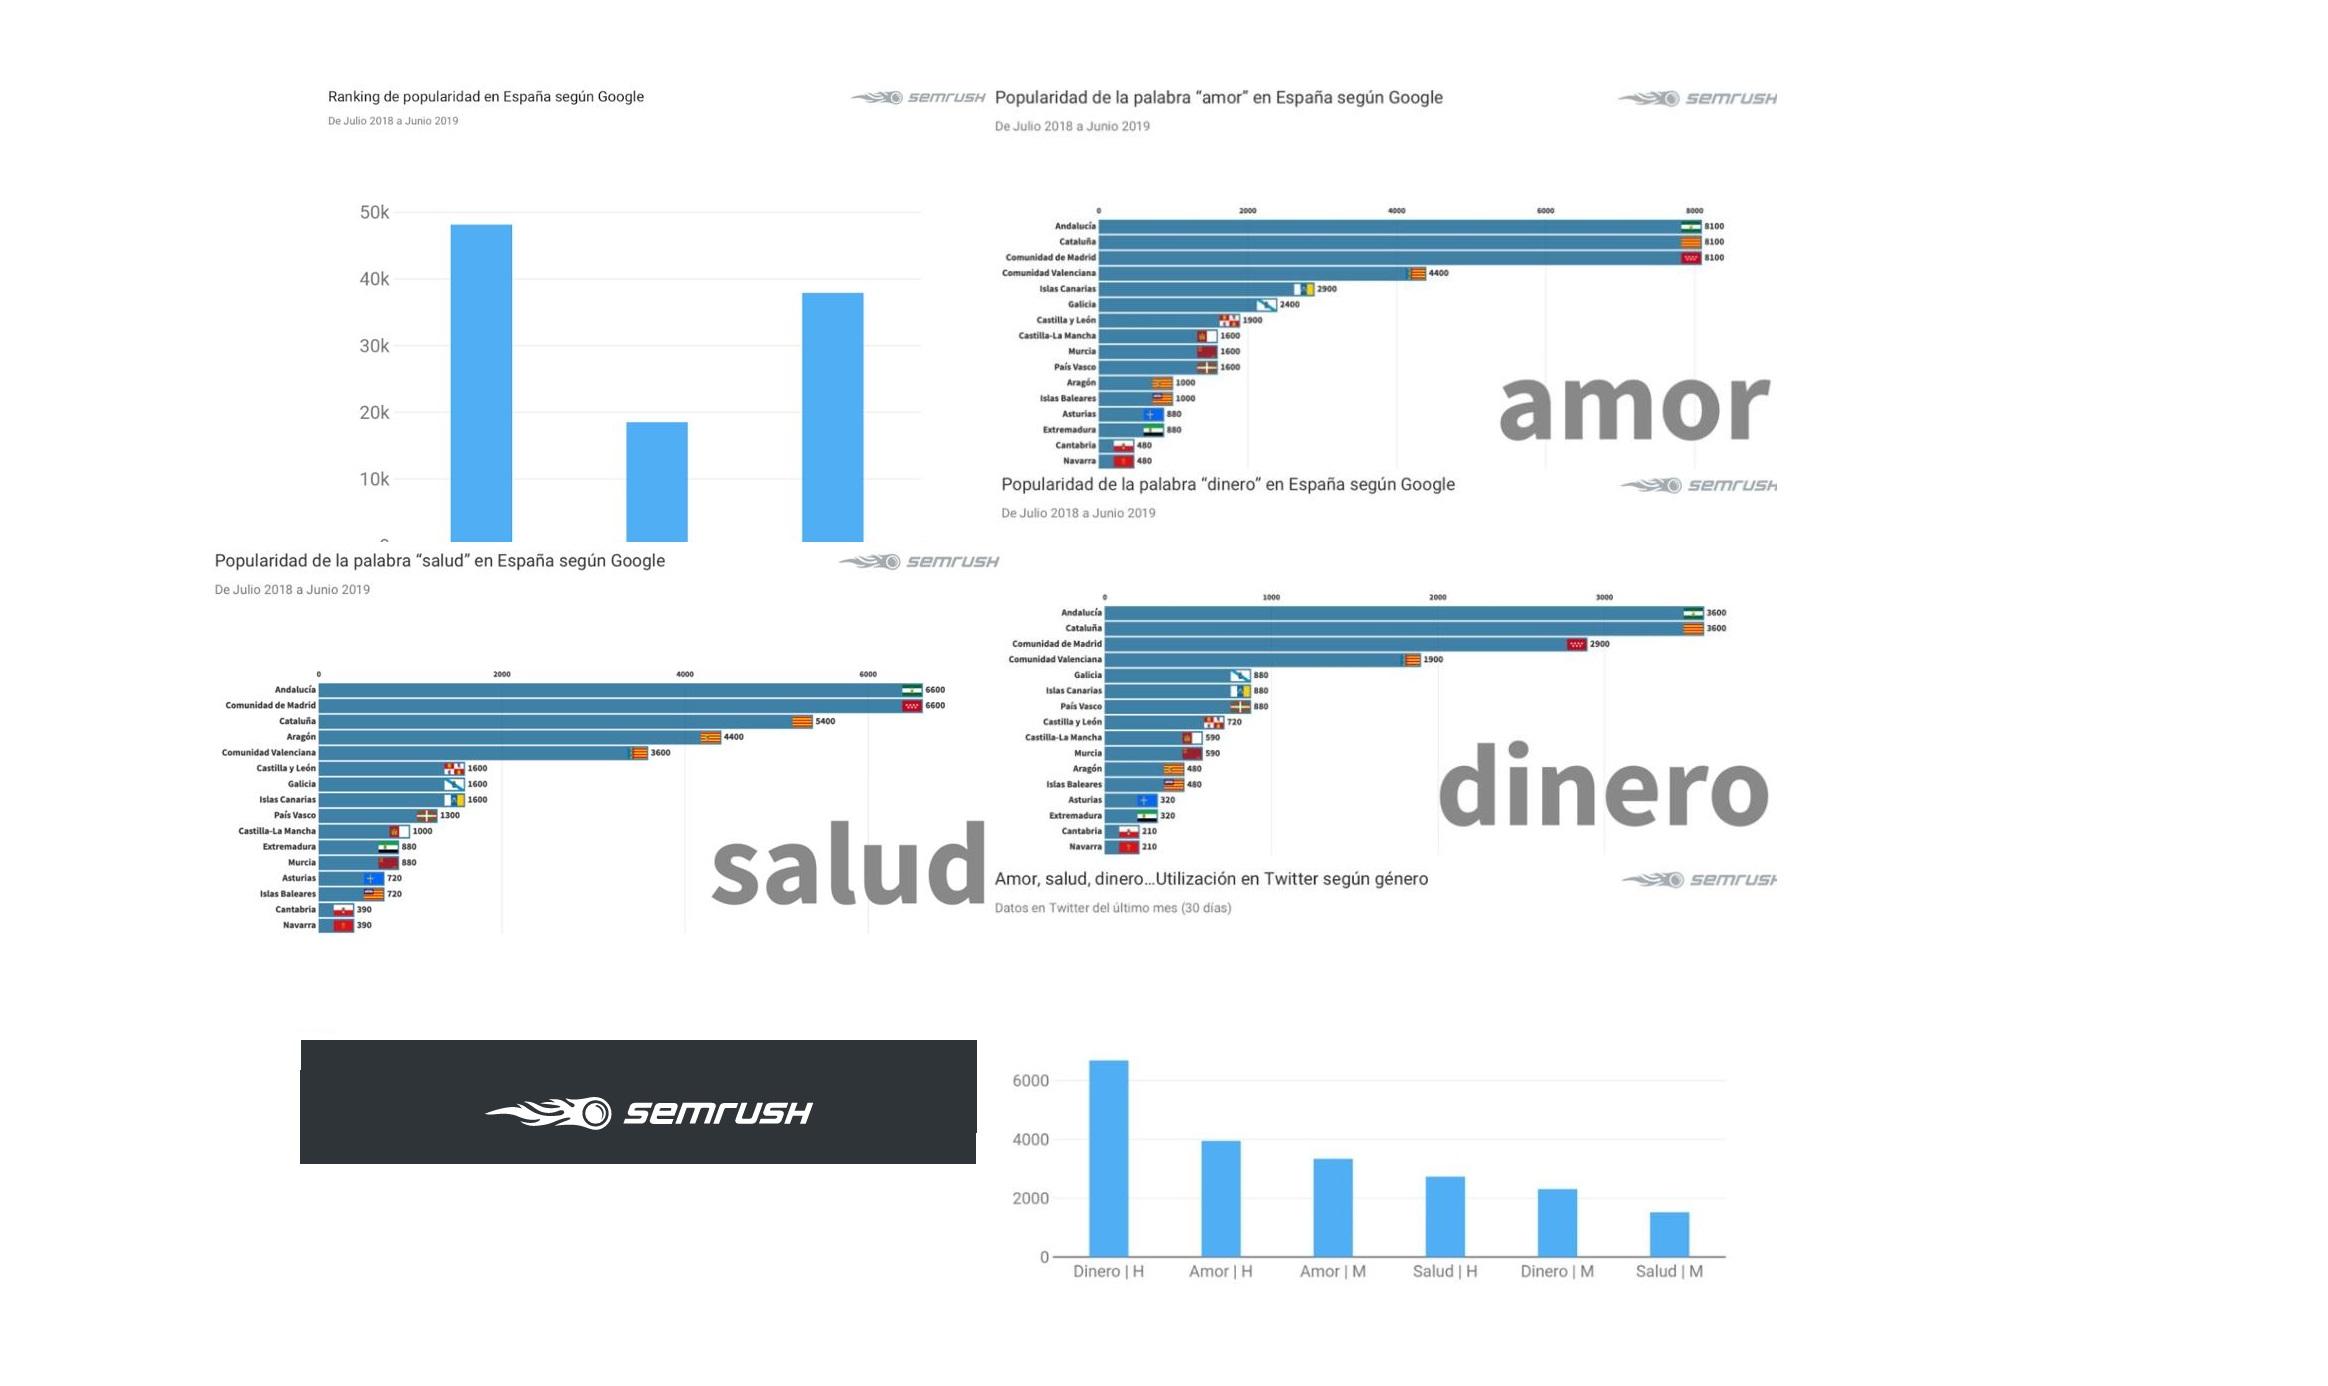 https://www.programapublicidad.com/wp-content/uploads/2019/09/SEMrush-identifica-palabras-más-buscadas-Google-comentadas-Twitter-Amor-dinero-salud-programapublicidad-muy-grande.jpg